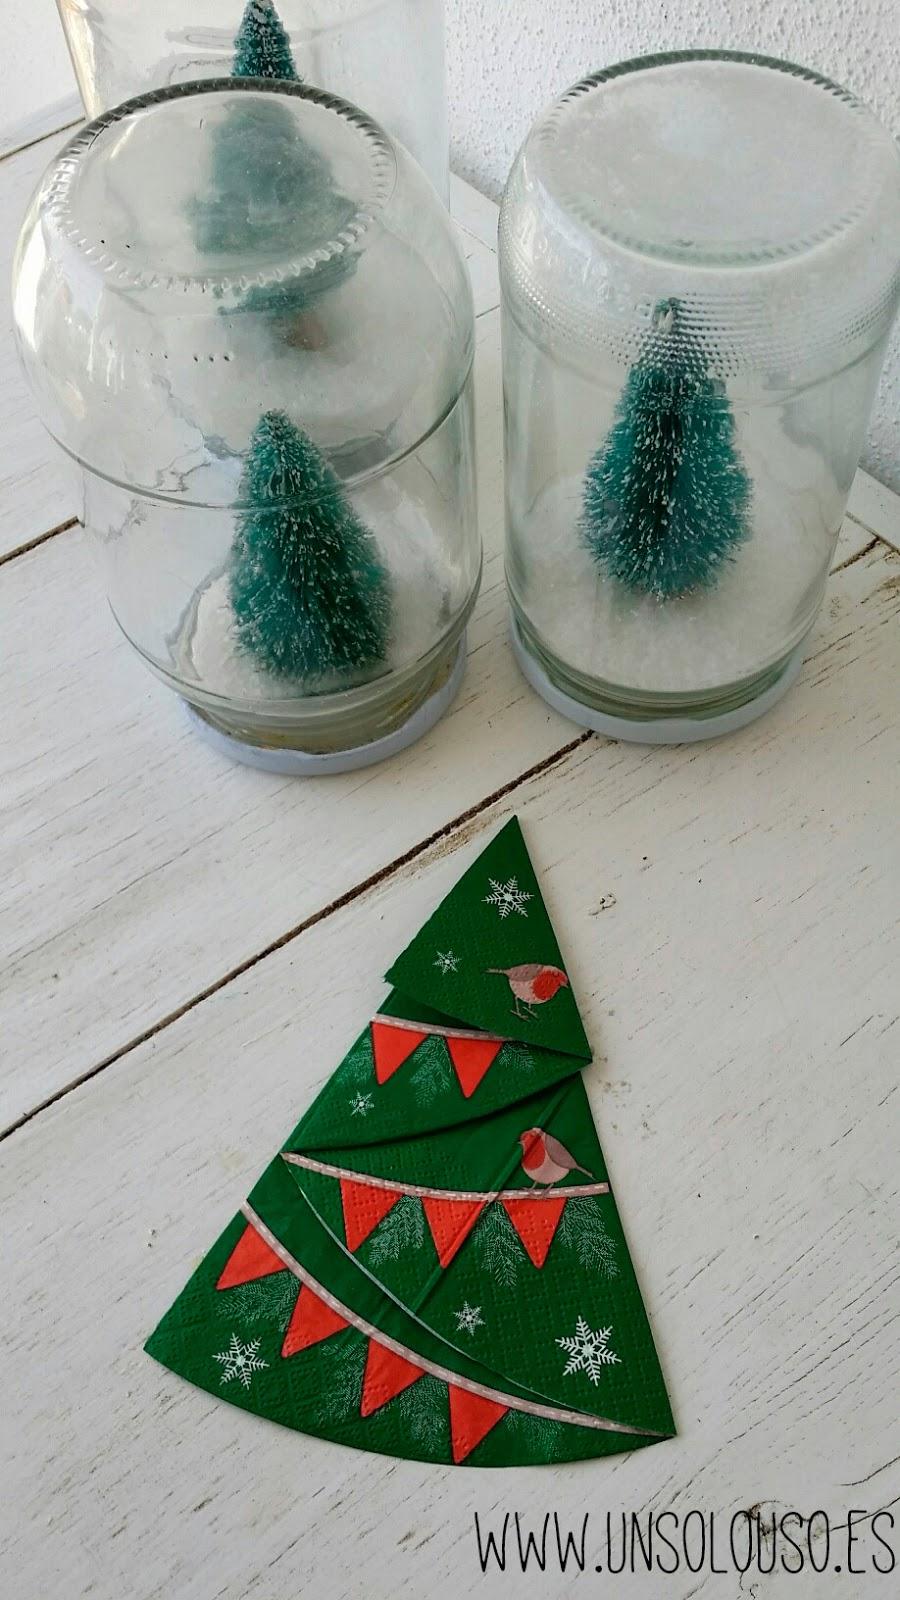 Doblado f cil y r pido de servilleta en arbolito de navidad - Doblar servilletas para navidad ...